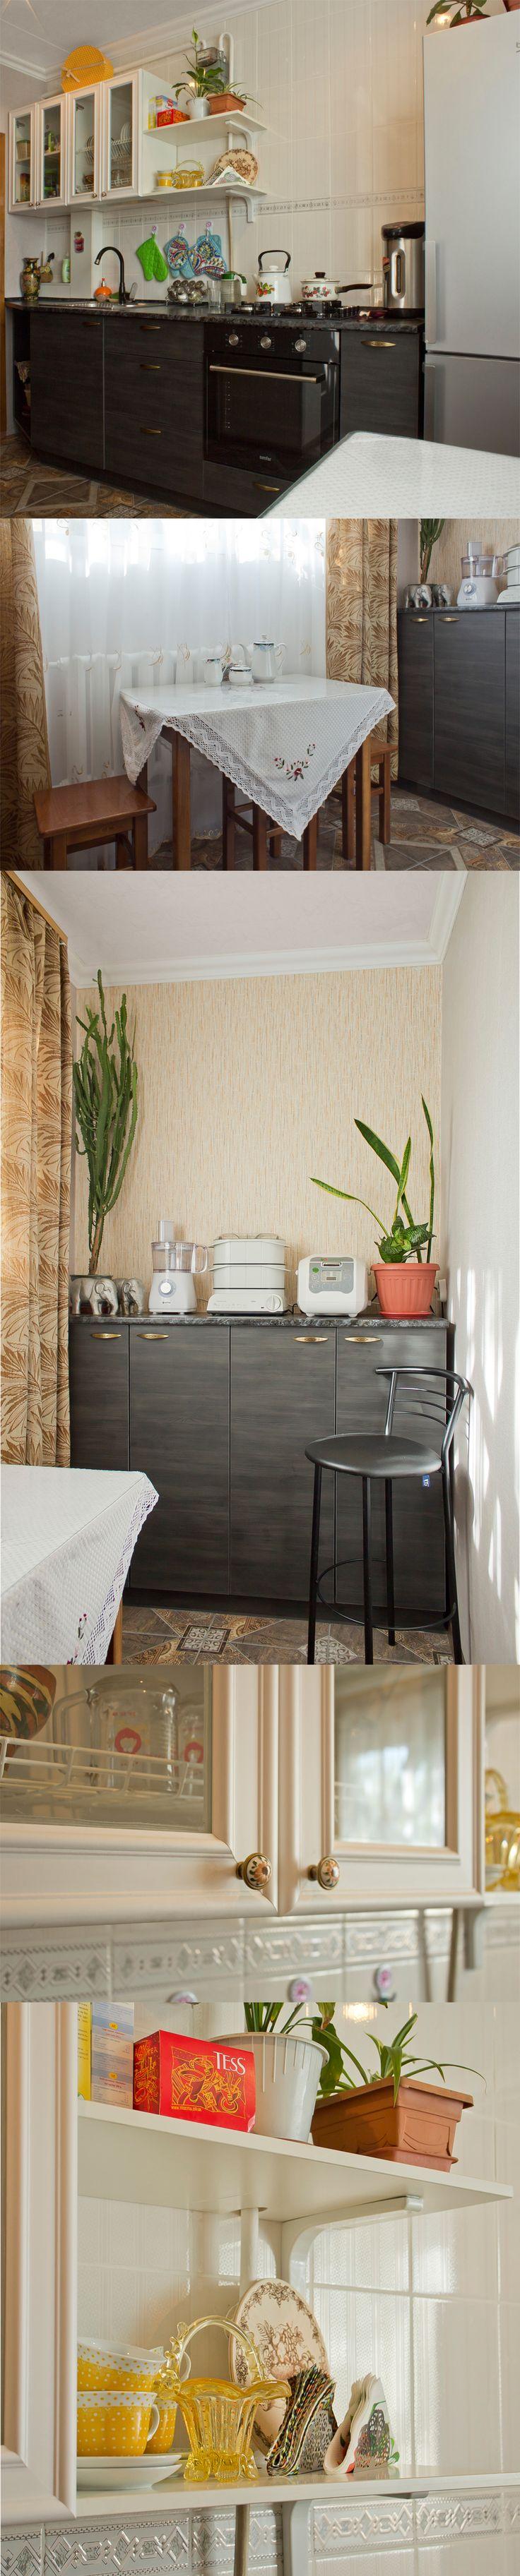 Белый верх, черный низ Вместительная и удобная, визуально легкая и стильная Г-образная кухня площадью 8,5 кв. м